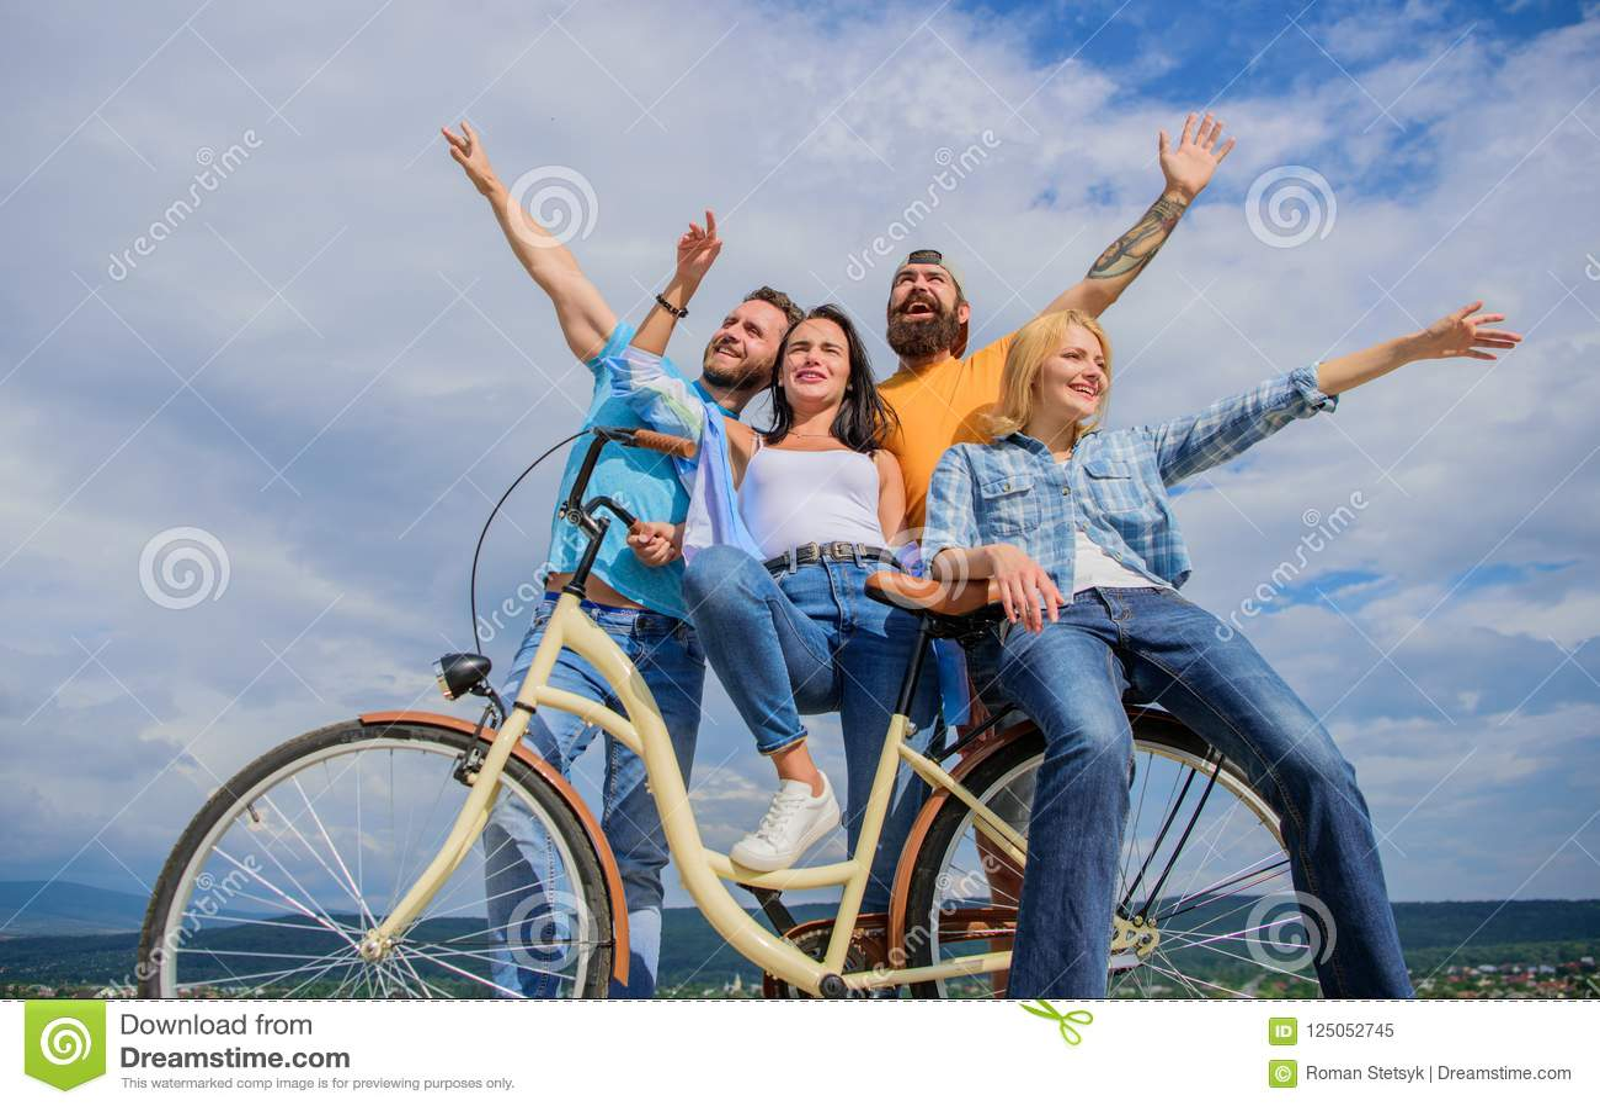 Vrijheid het stedelijke omzetten Besteedt de bedrijf modieuze jongeren in openlucht de achtergrond van de vrije tijdshemel Fiets